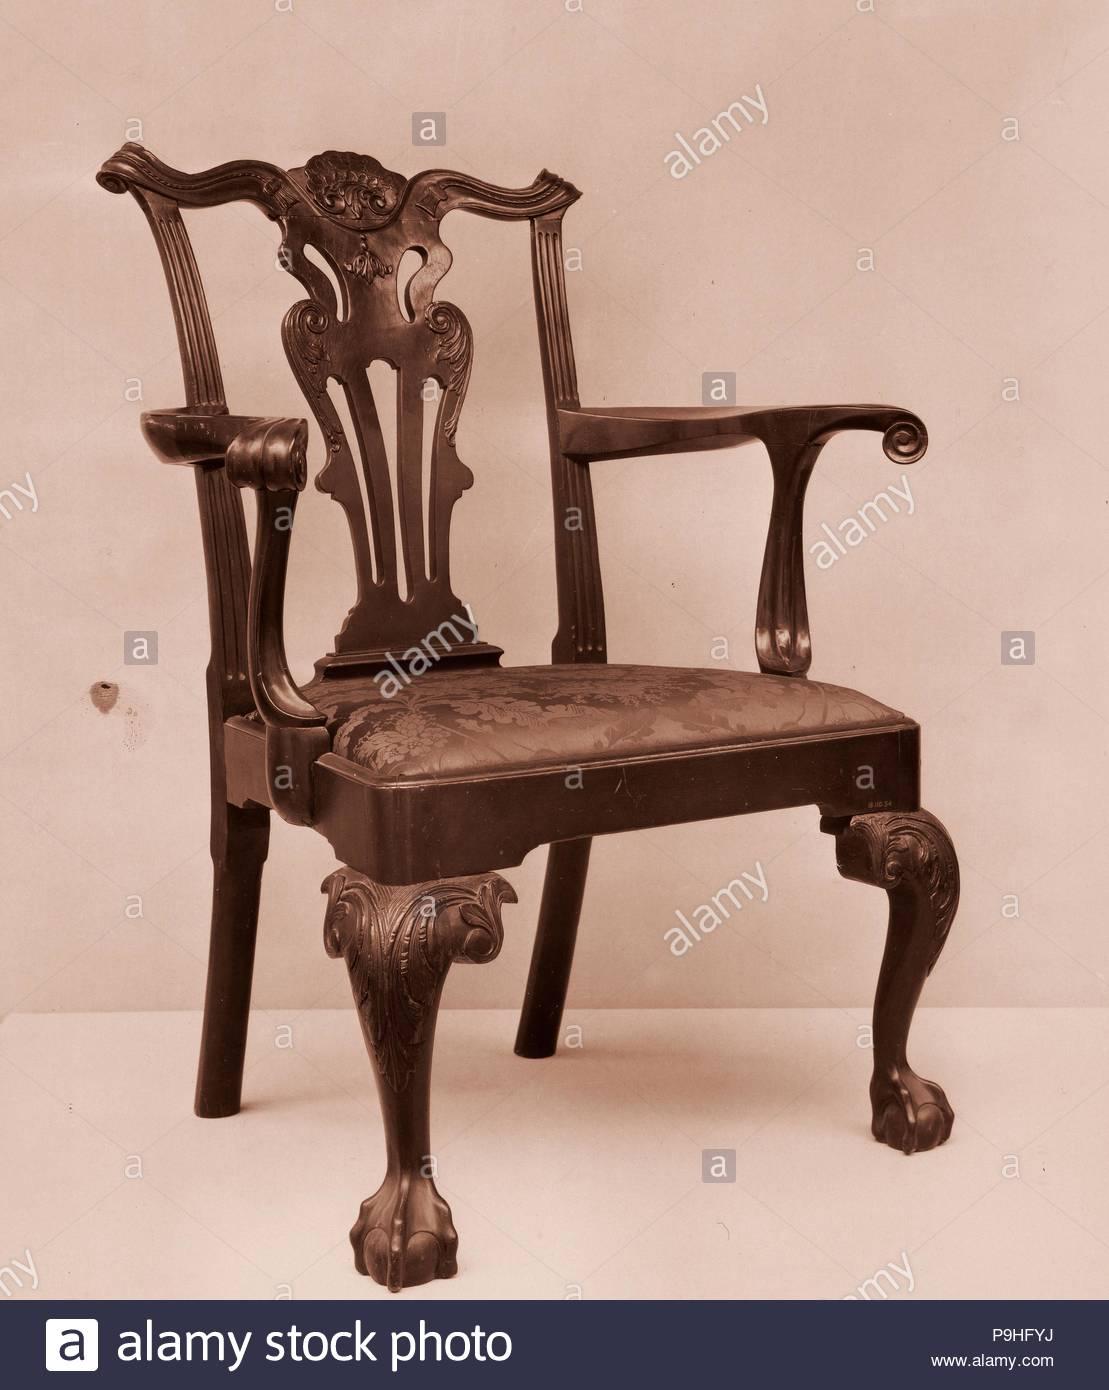 Rococo Armchair Imágenes De Stock & Rococo Armchair Fotos De Stock ...